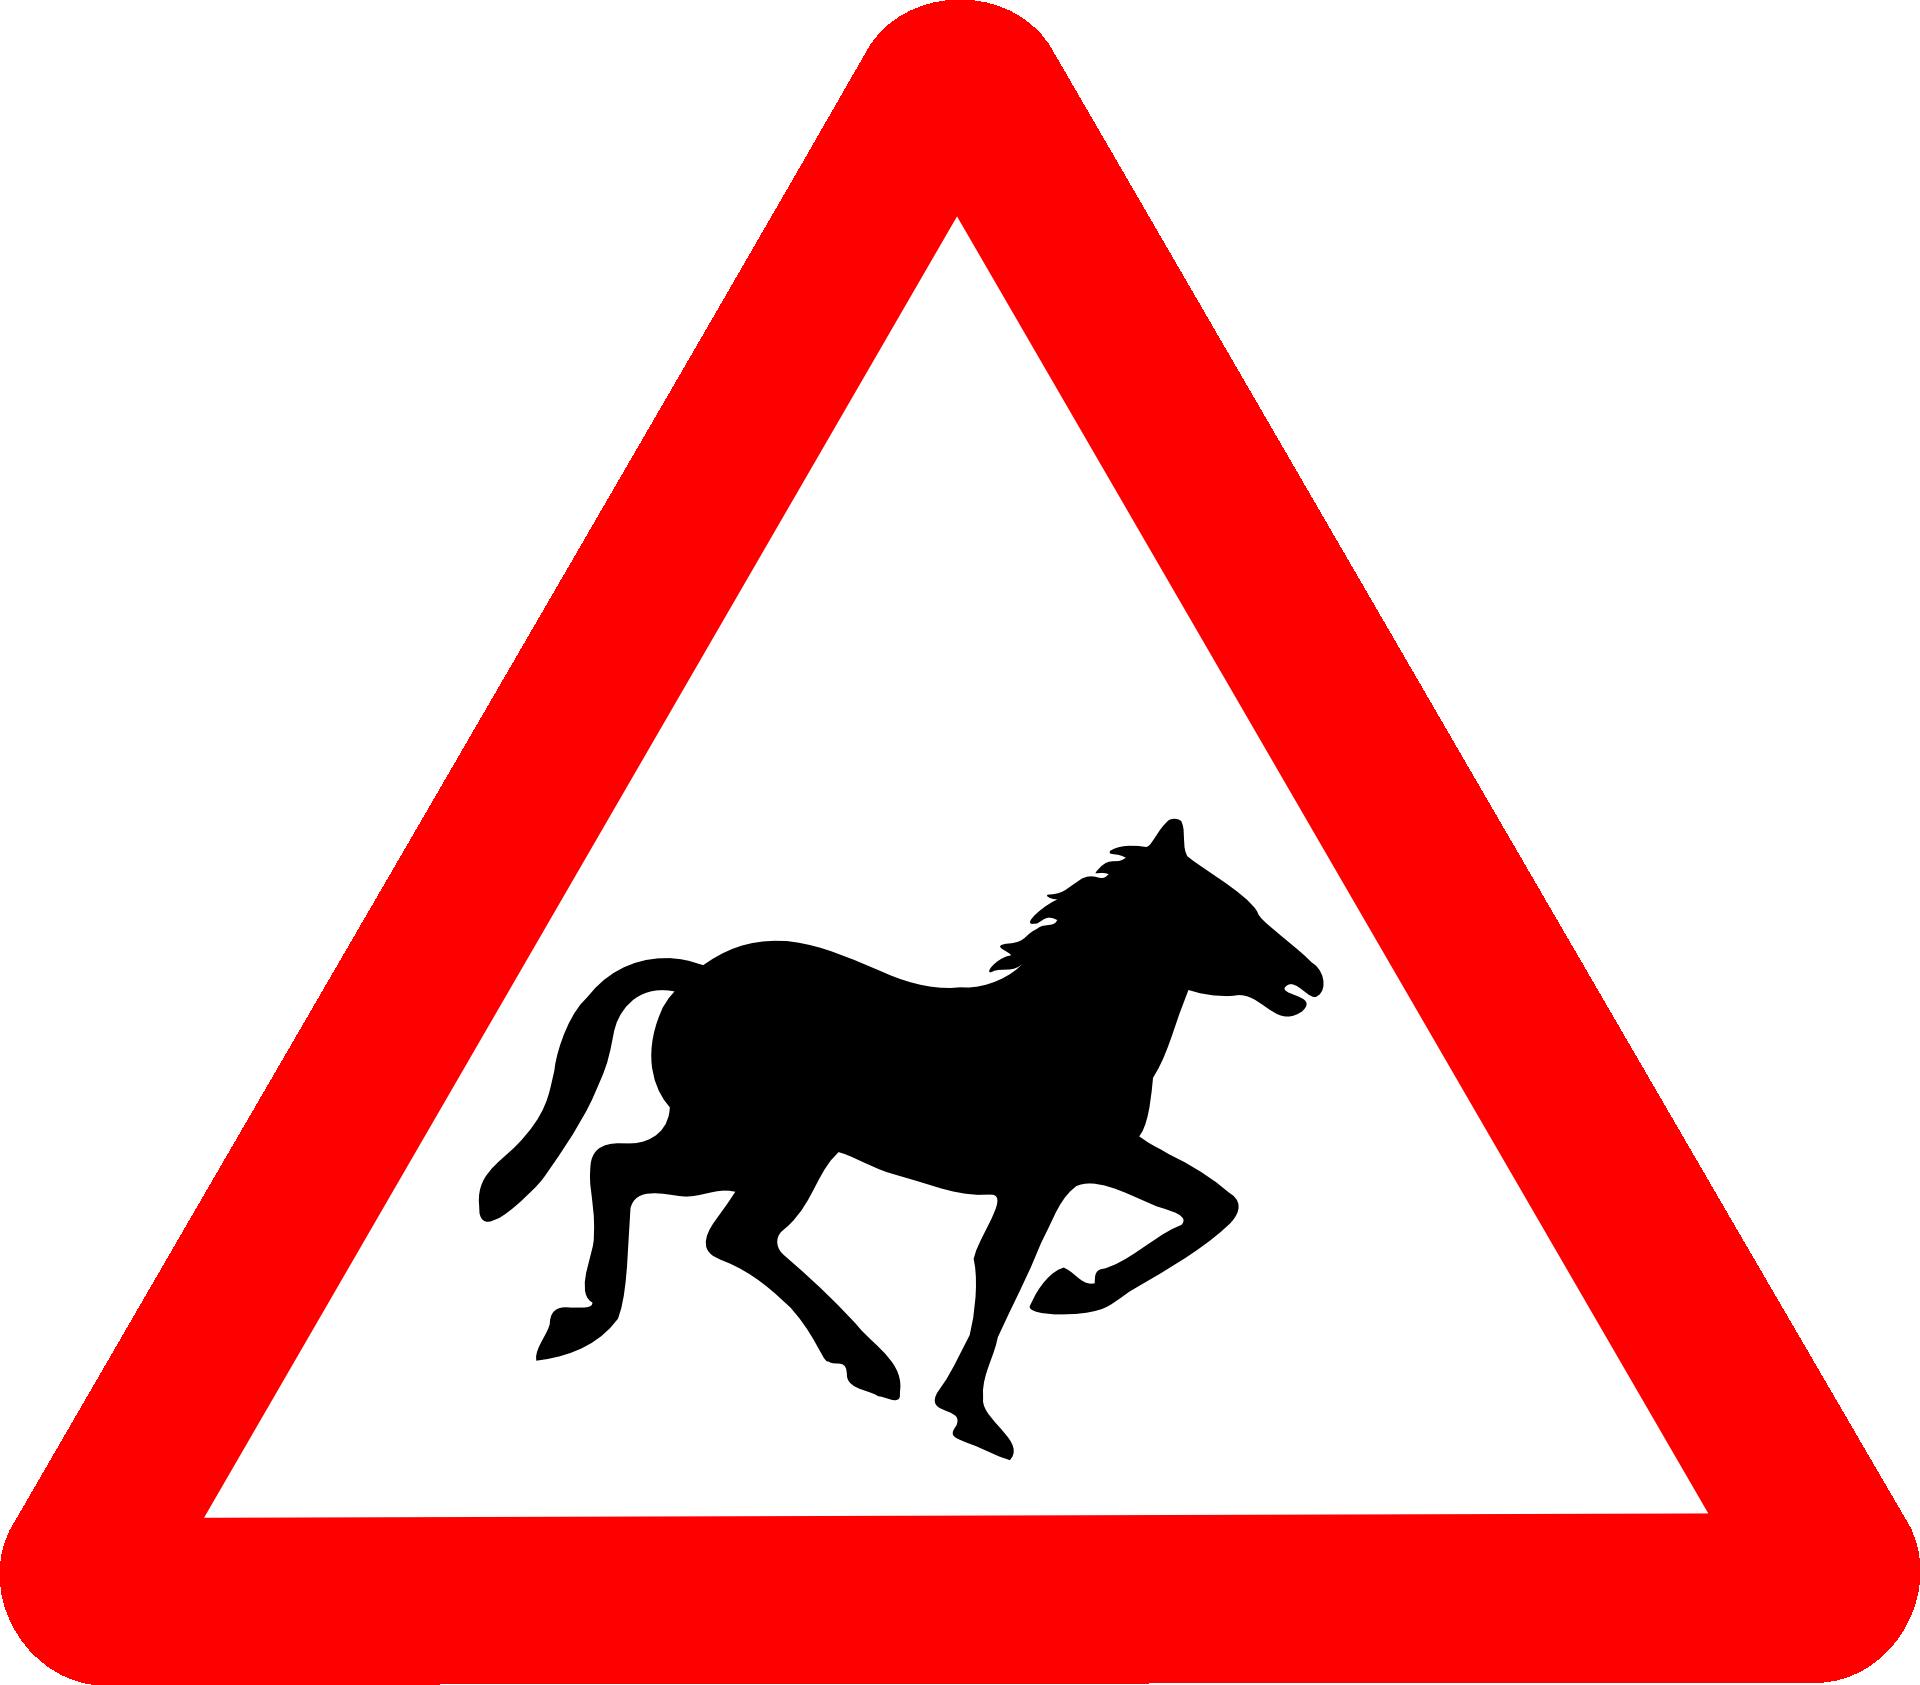 drogowy znak ostrzegawczy z koniem w środku